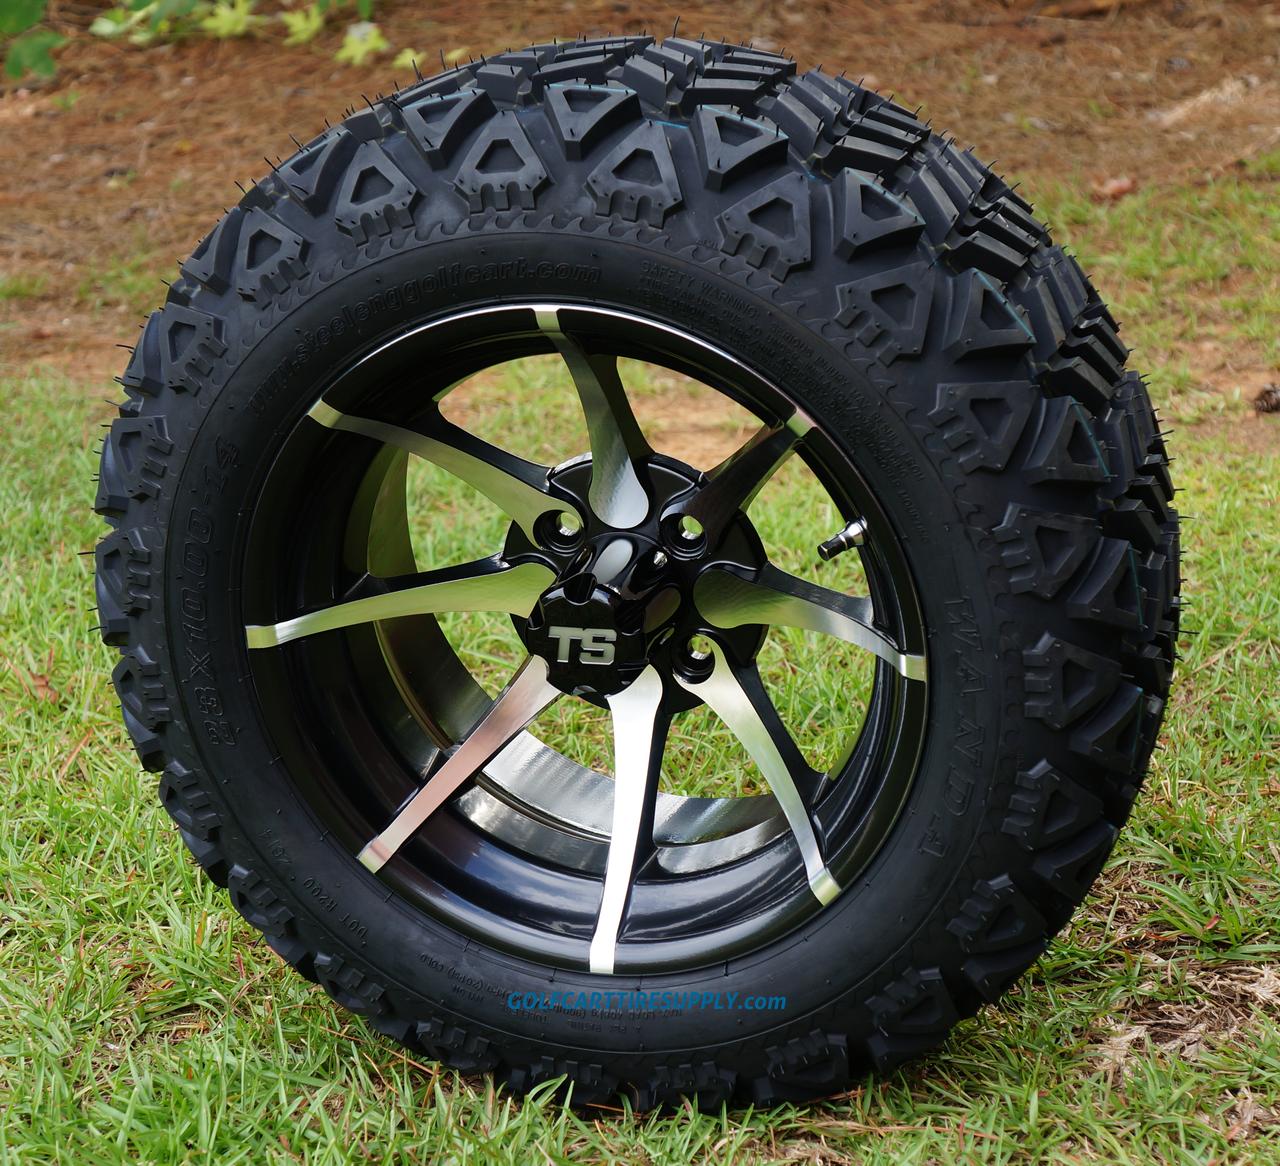 10 Inch Wheels For Golf Cart : Quot kraken golf cart wheels and wanda all terrain